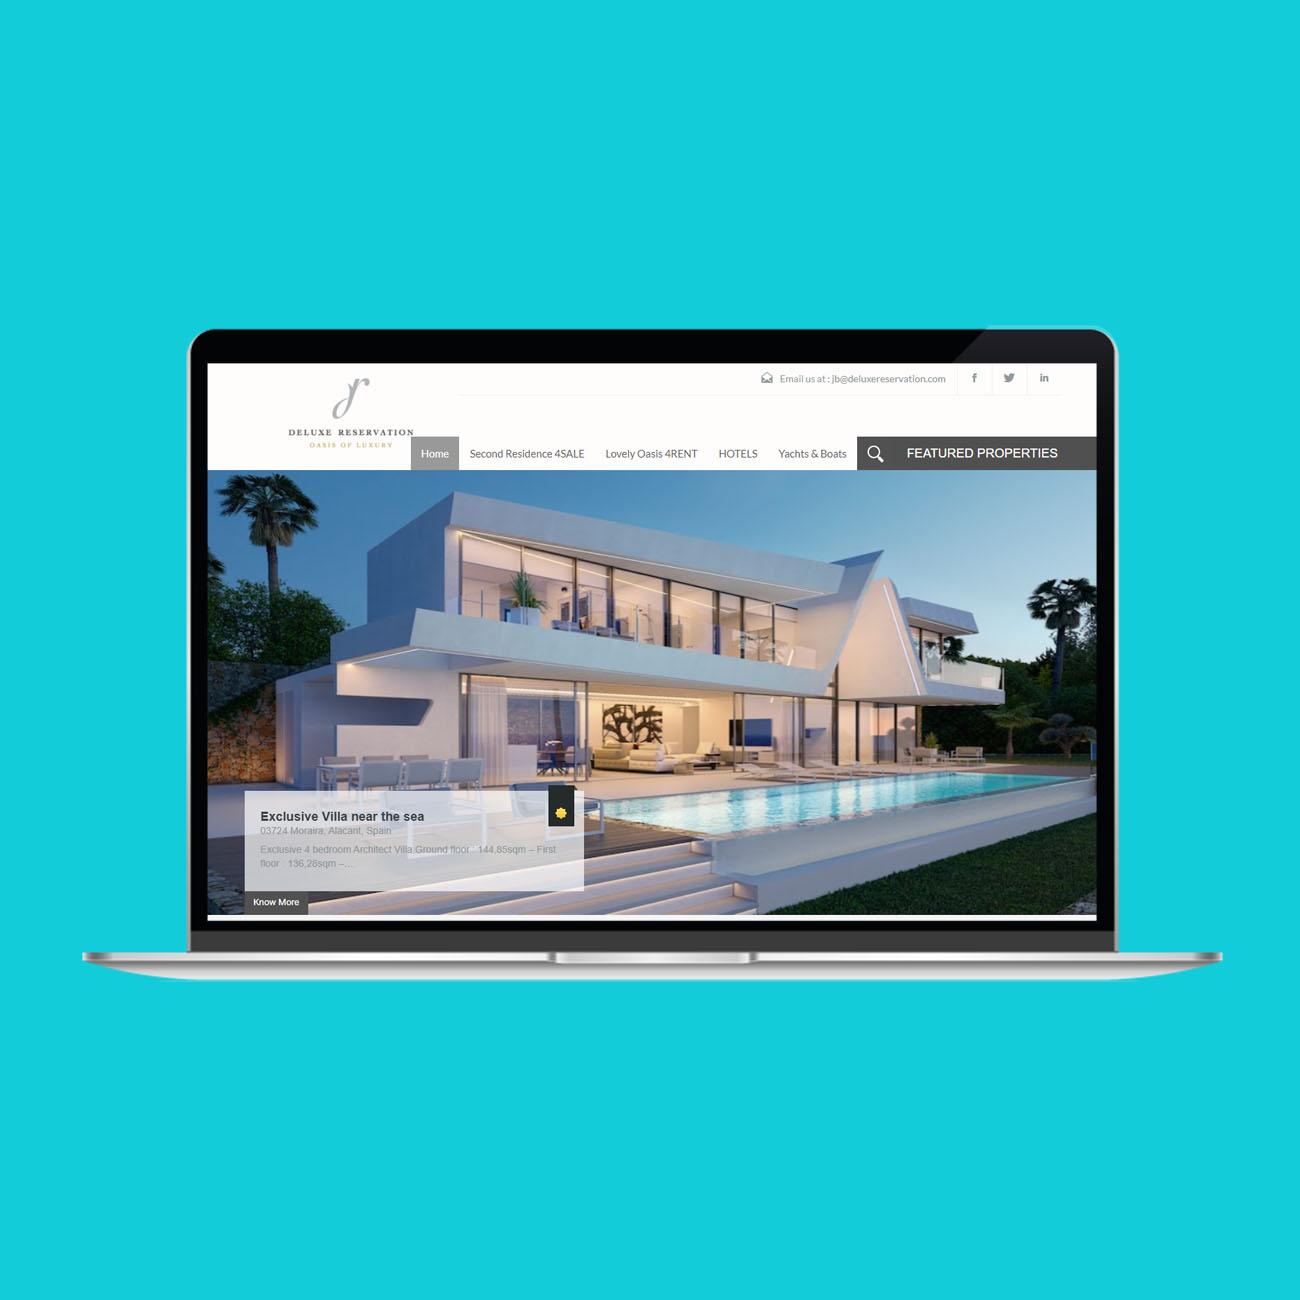 Miko Digital Agence web à Liège - Maintenance site web Deluxe Reservation